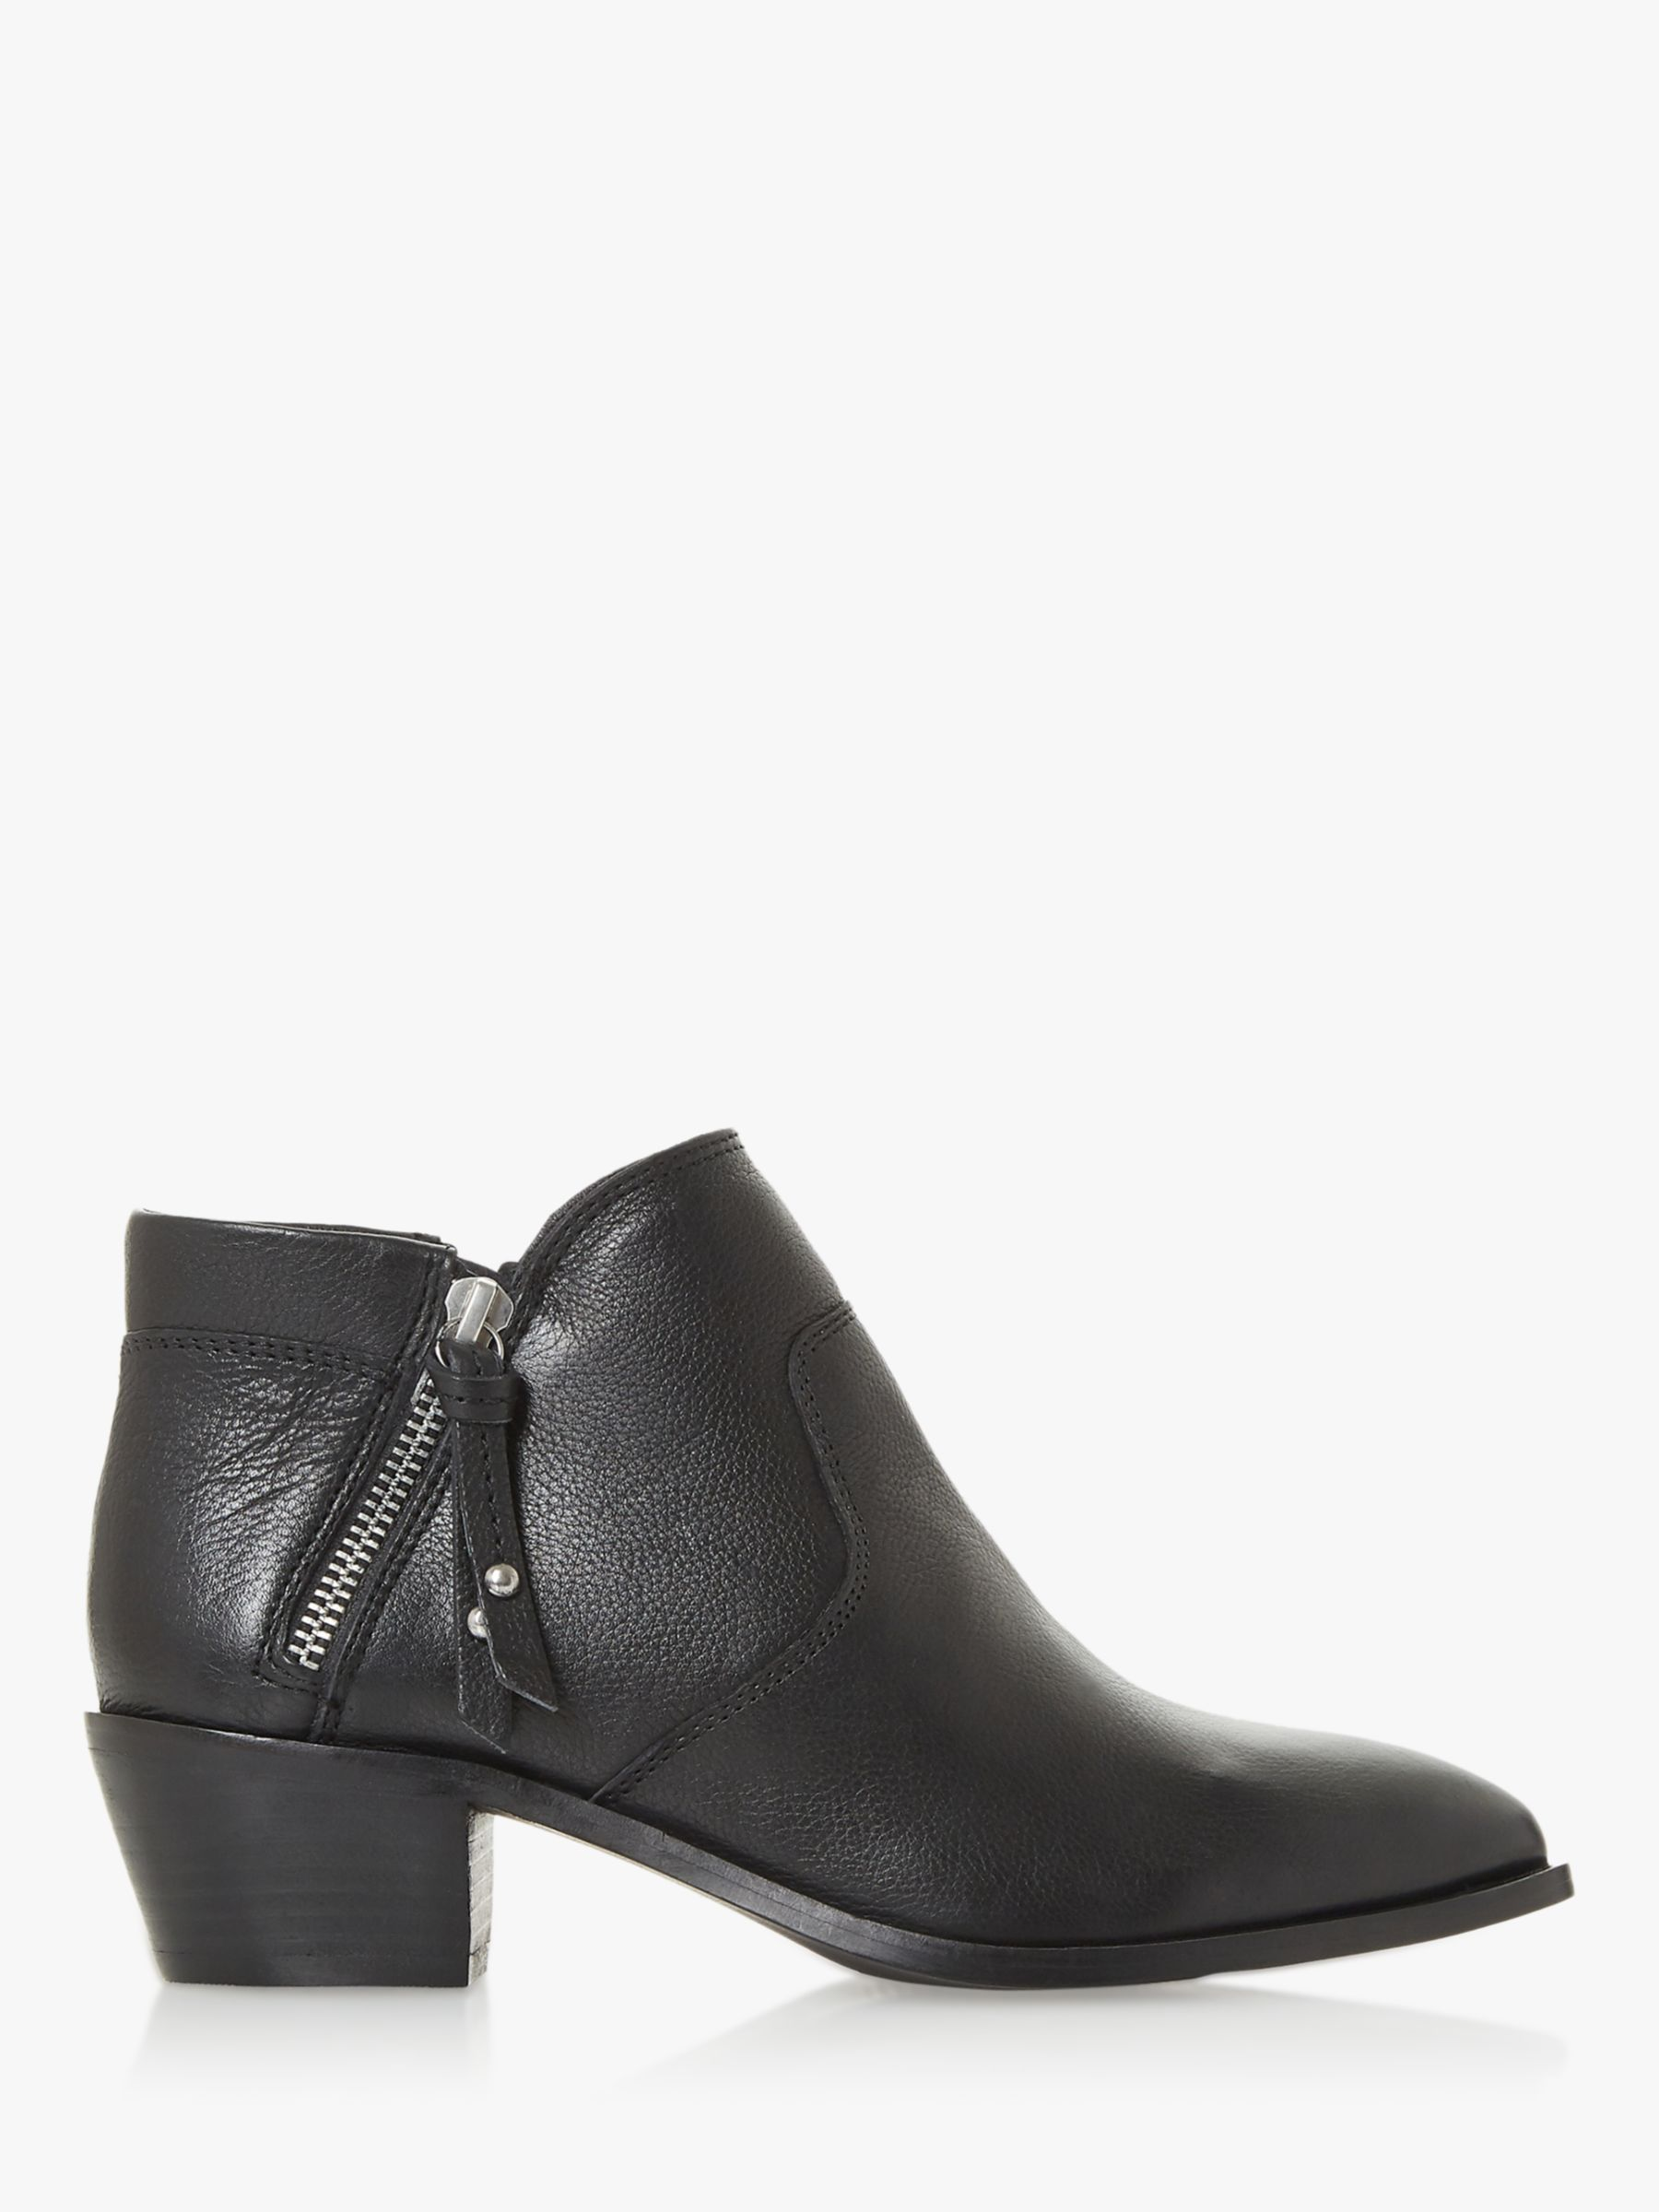 Bertie Bertie Peonies Leather Block Heel Shoe Boots, Black